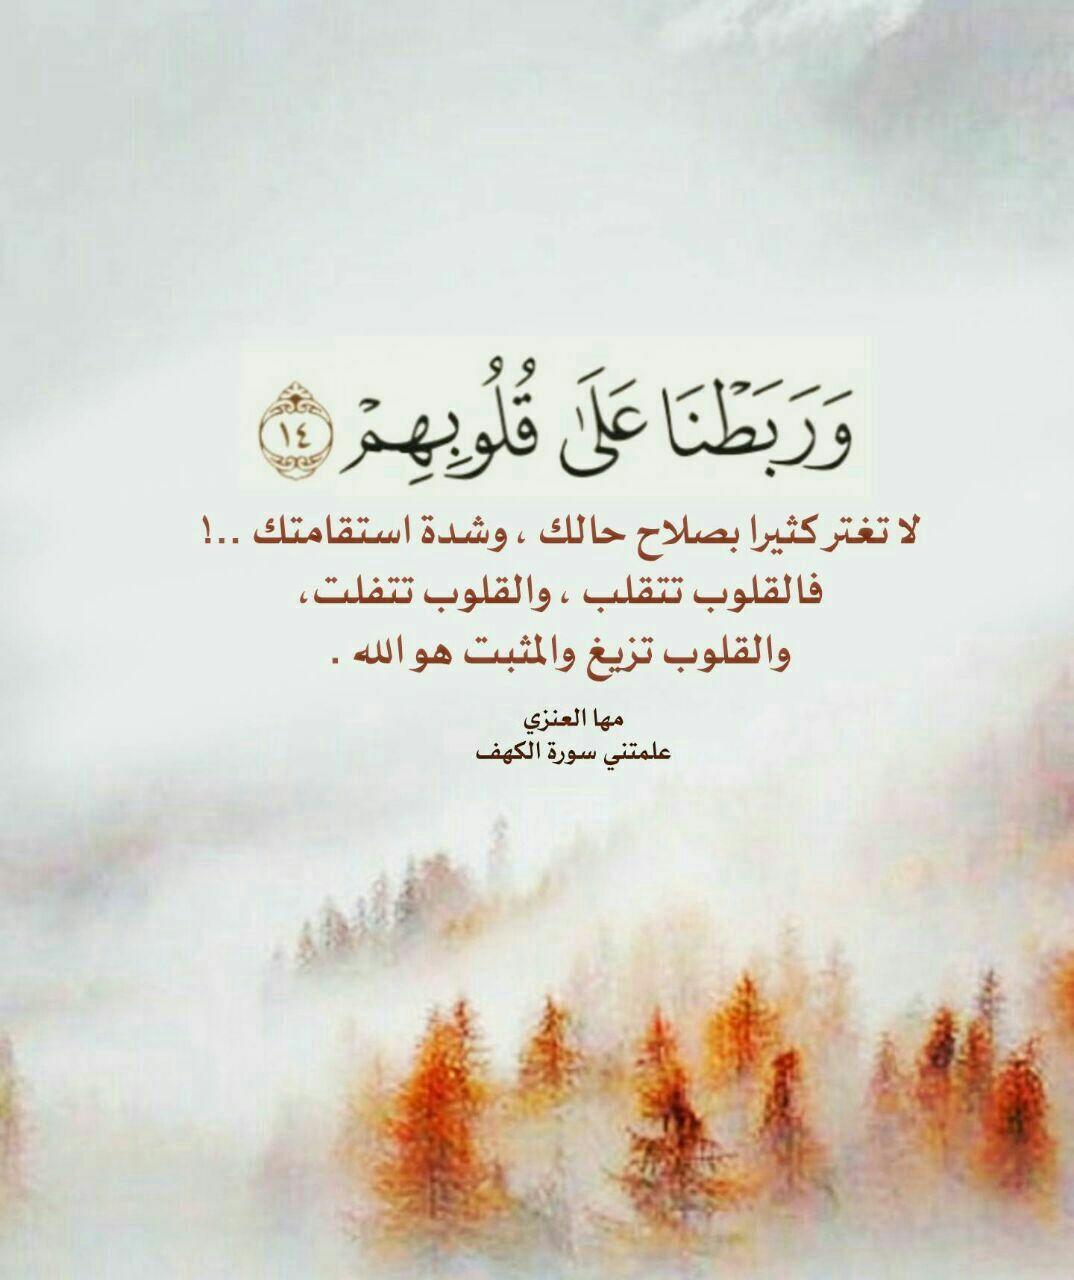 يا مقلب القلوب ثبت قلبي على دينك وطاعتك و رضاك Islamic Quotes Hadith Sharif Islam Quran